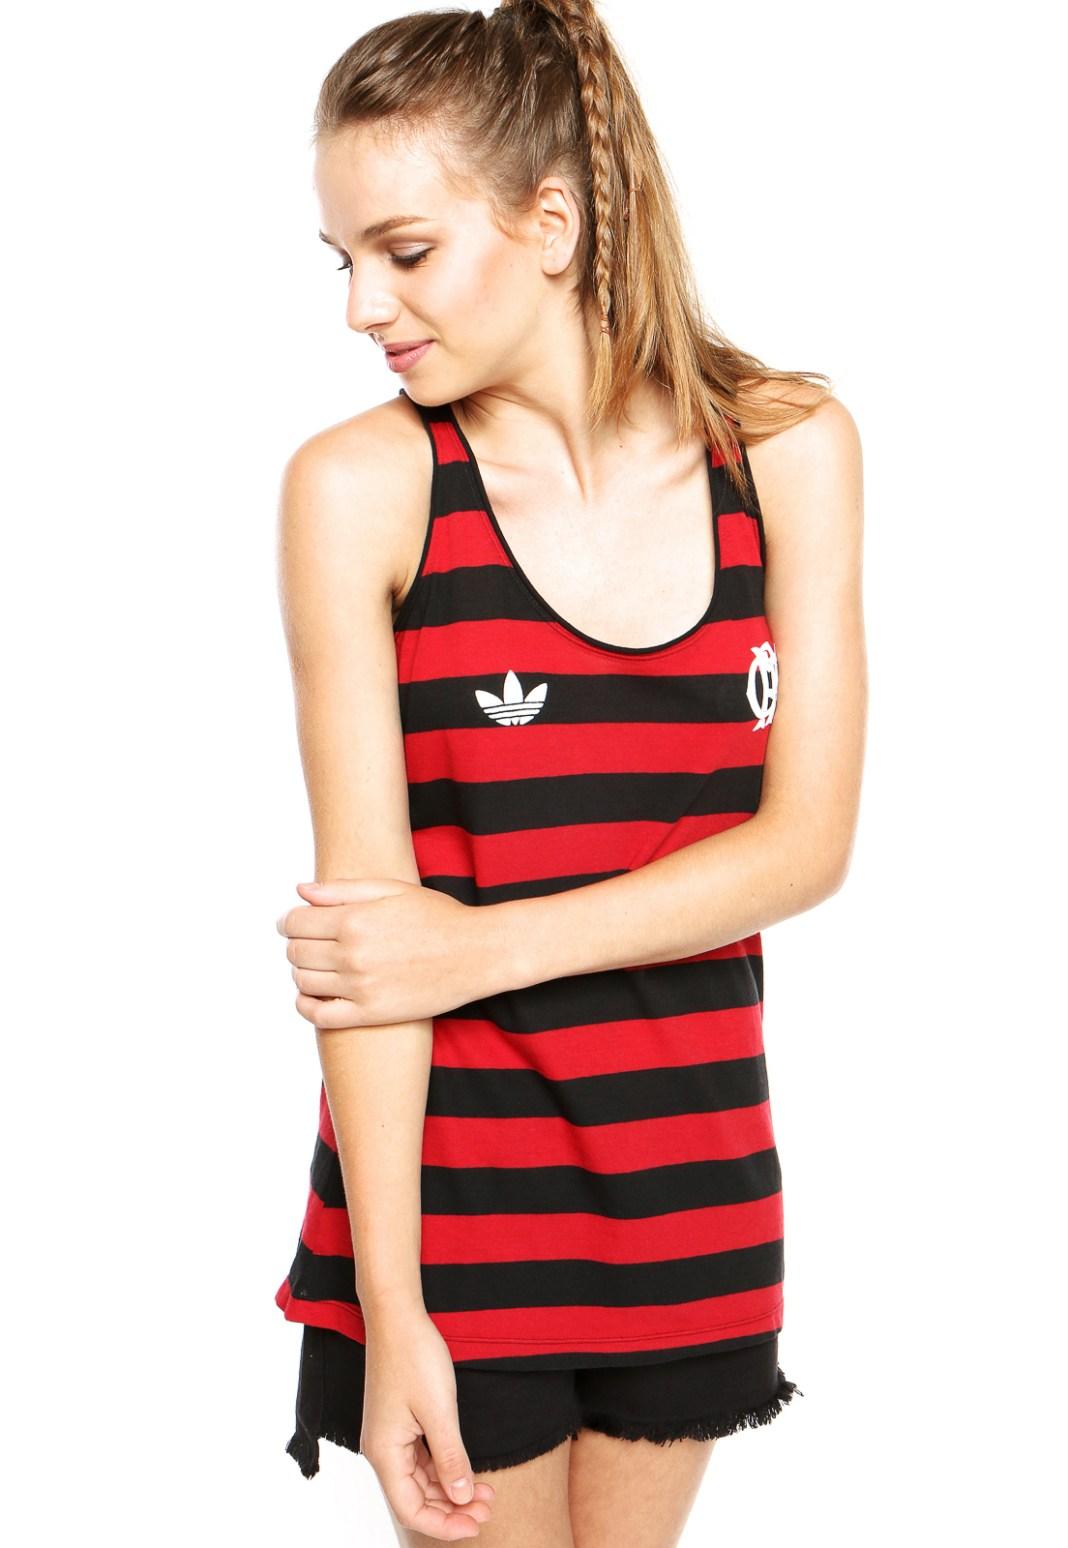 adidas-Originals-Regata-adidas-Originals-+-Farm-Flamengo-Listrada-Vermelho%2FPreto-8059-4502781-1-zoom